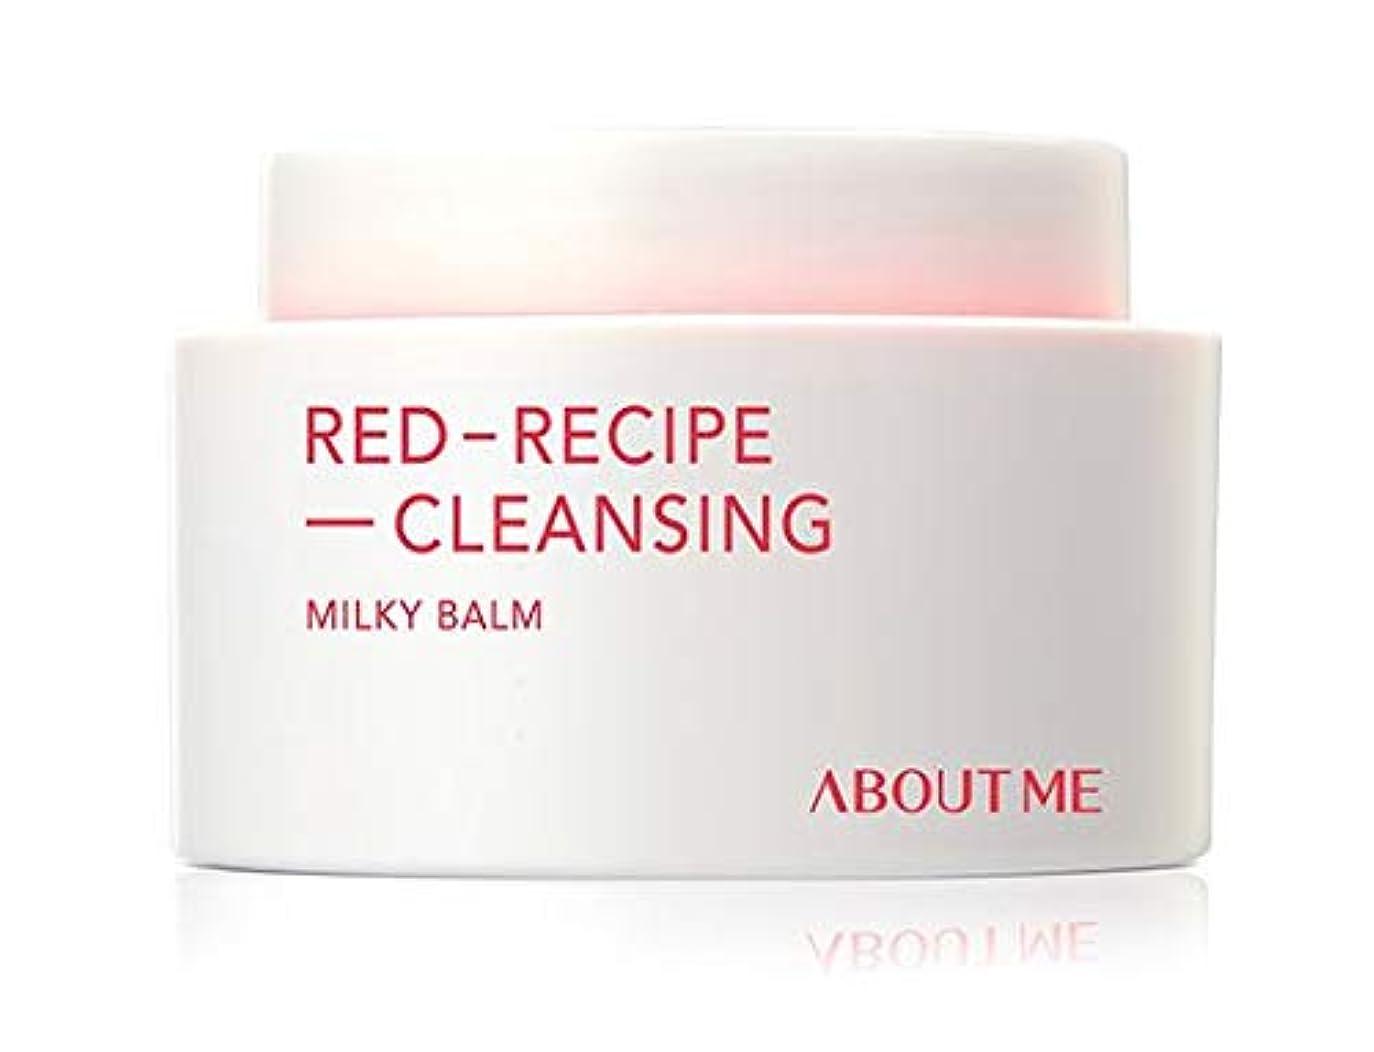 いたずらなテレビ局ハンドブック[ABOUT ME] RED RECIPE CLEANSING MILKY BALM 90ml / [アバウトミー] レッド レシピ クレンジング ミルキー バーム 90ml [並行輸入品]